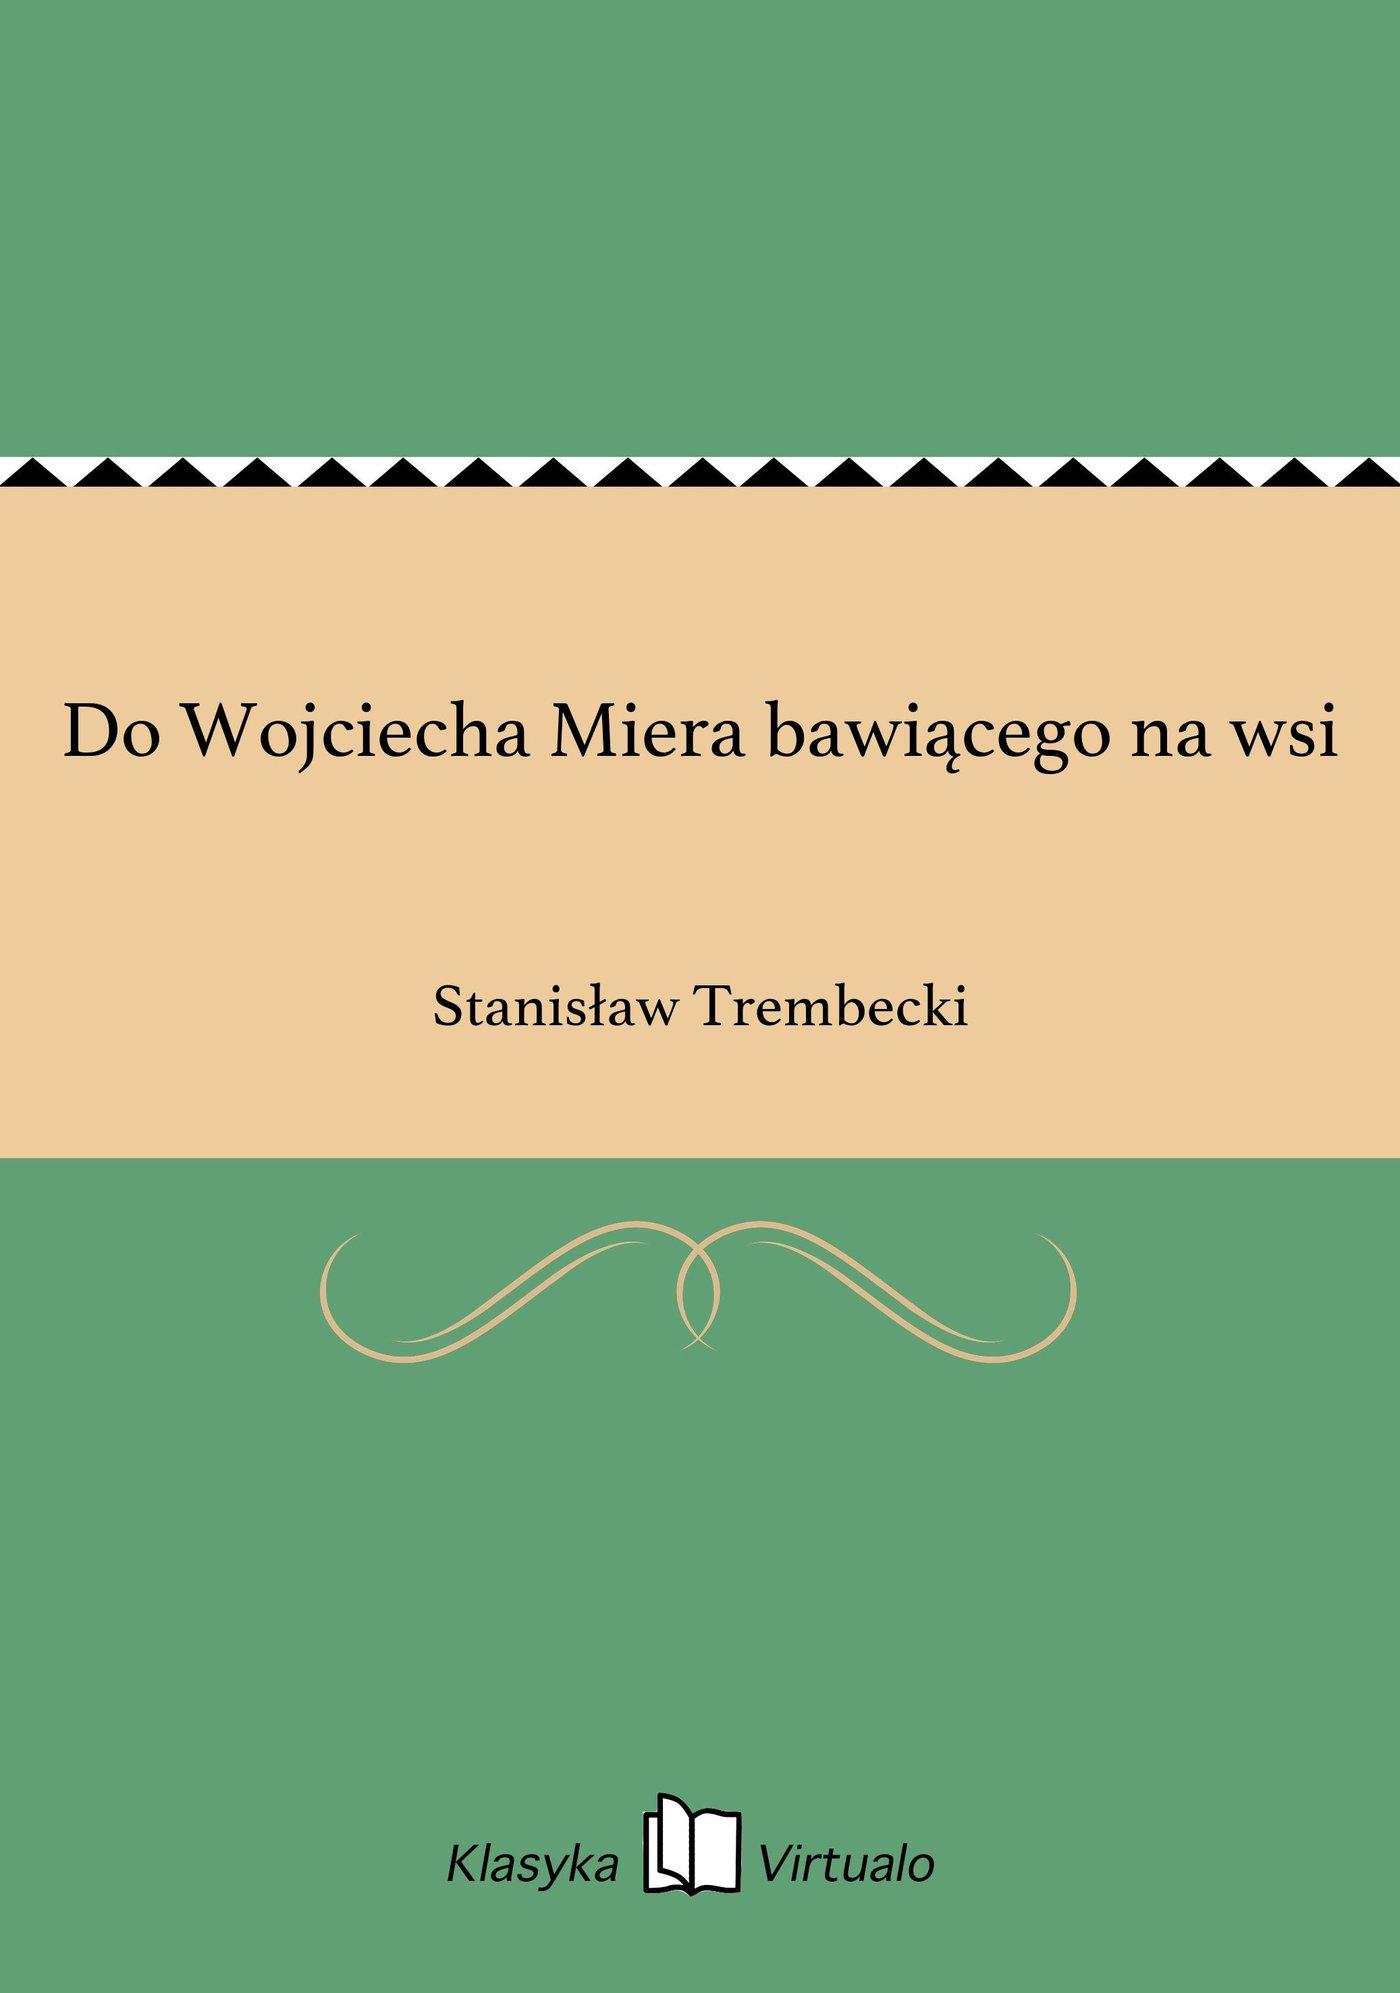 Do Wojciecha Miera bawiącego na wsi - Ebook (Książka EPUB) do pobrania w formacie EPUB